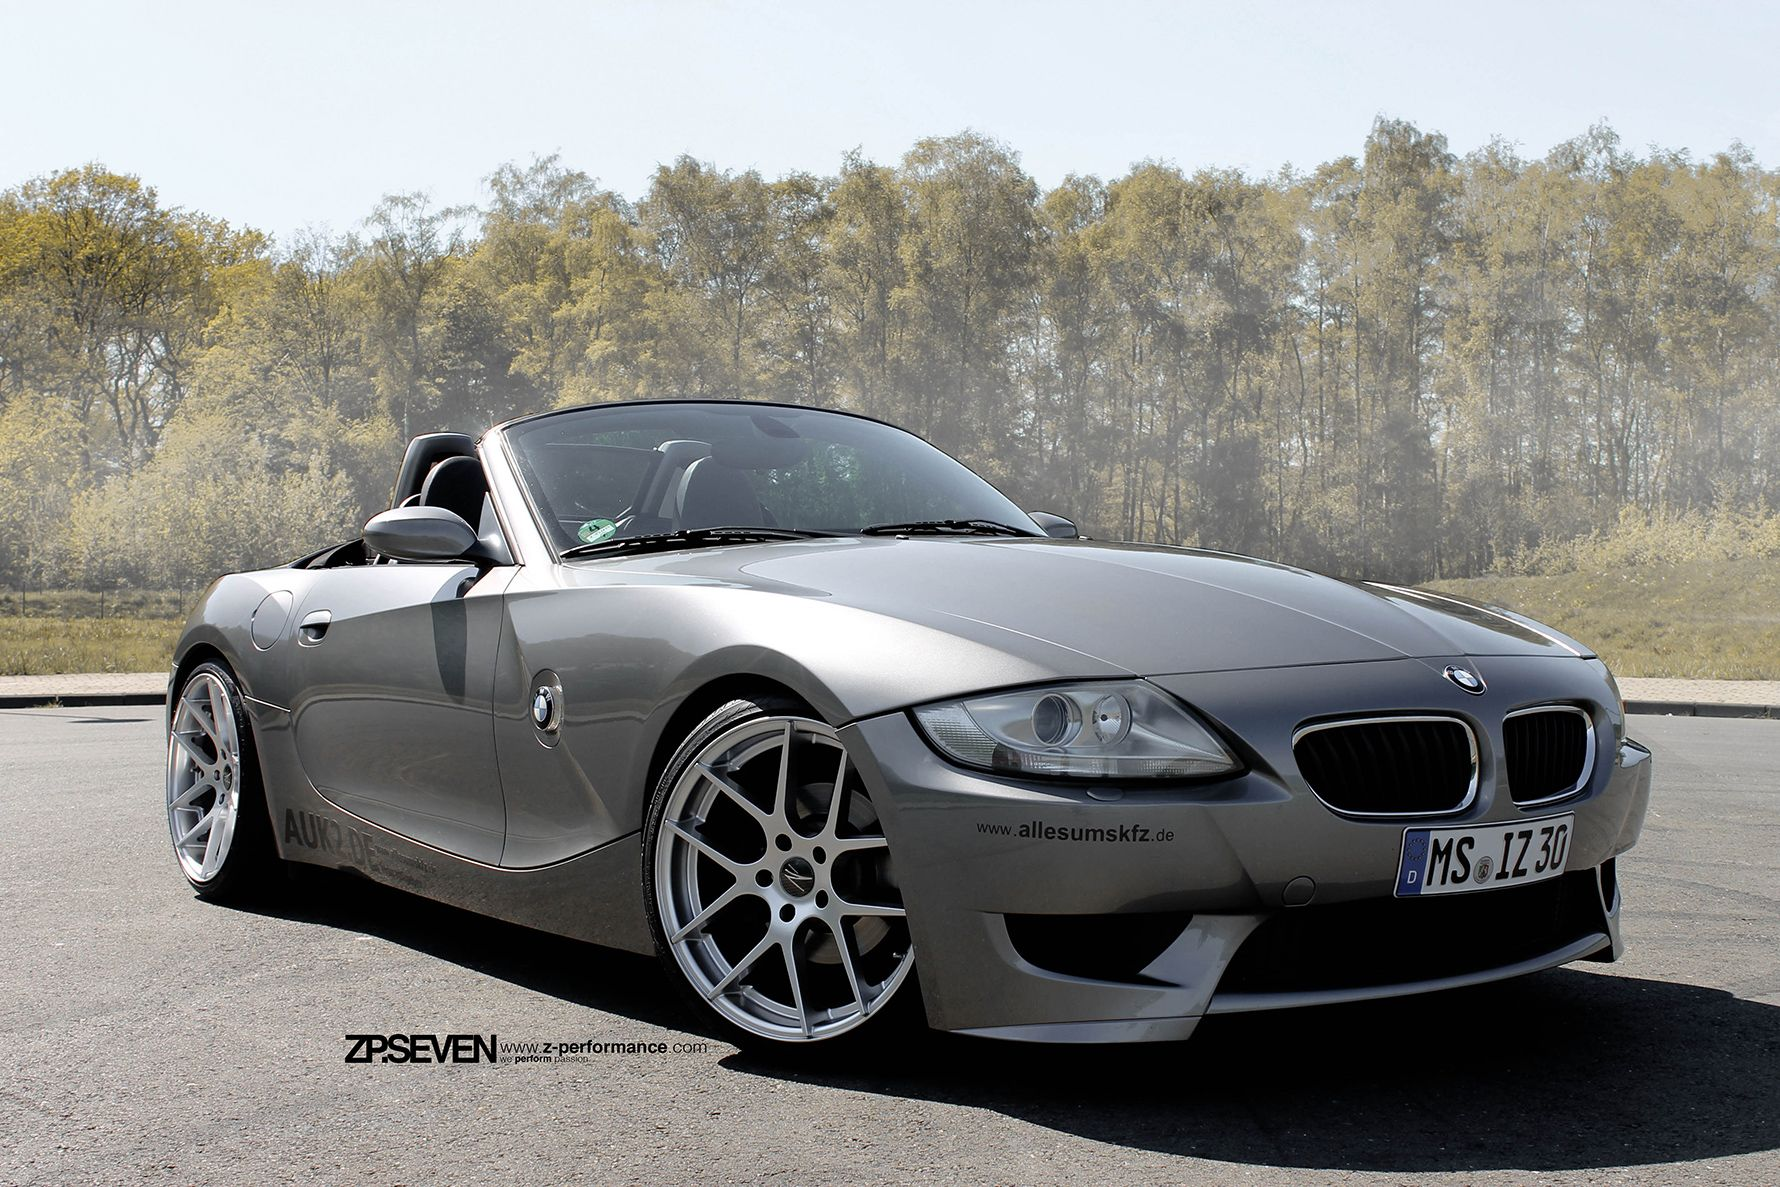 z performance zroadster com bmw z1 z2 z3 z4 z8 m mini roadster coupe [ 1780 x 1187 Pixel ]